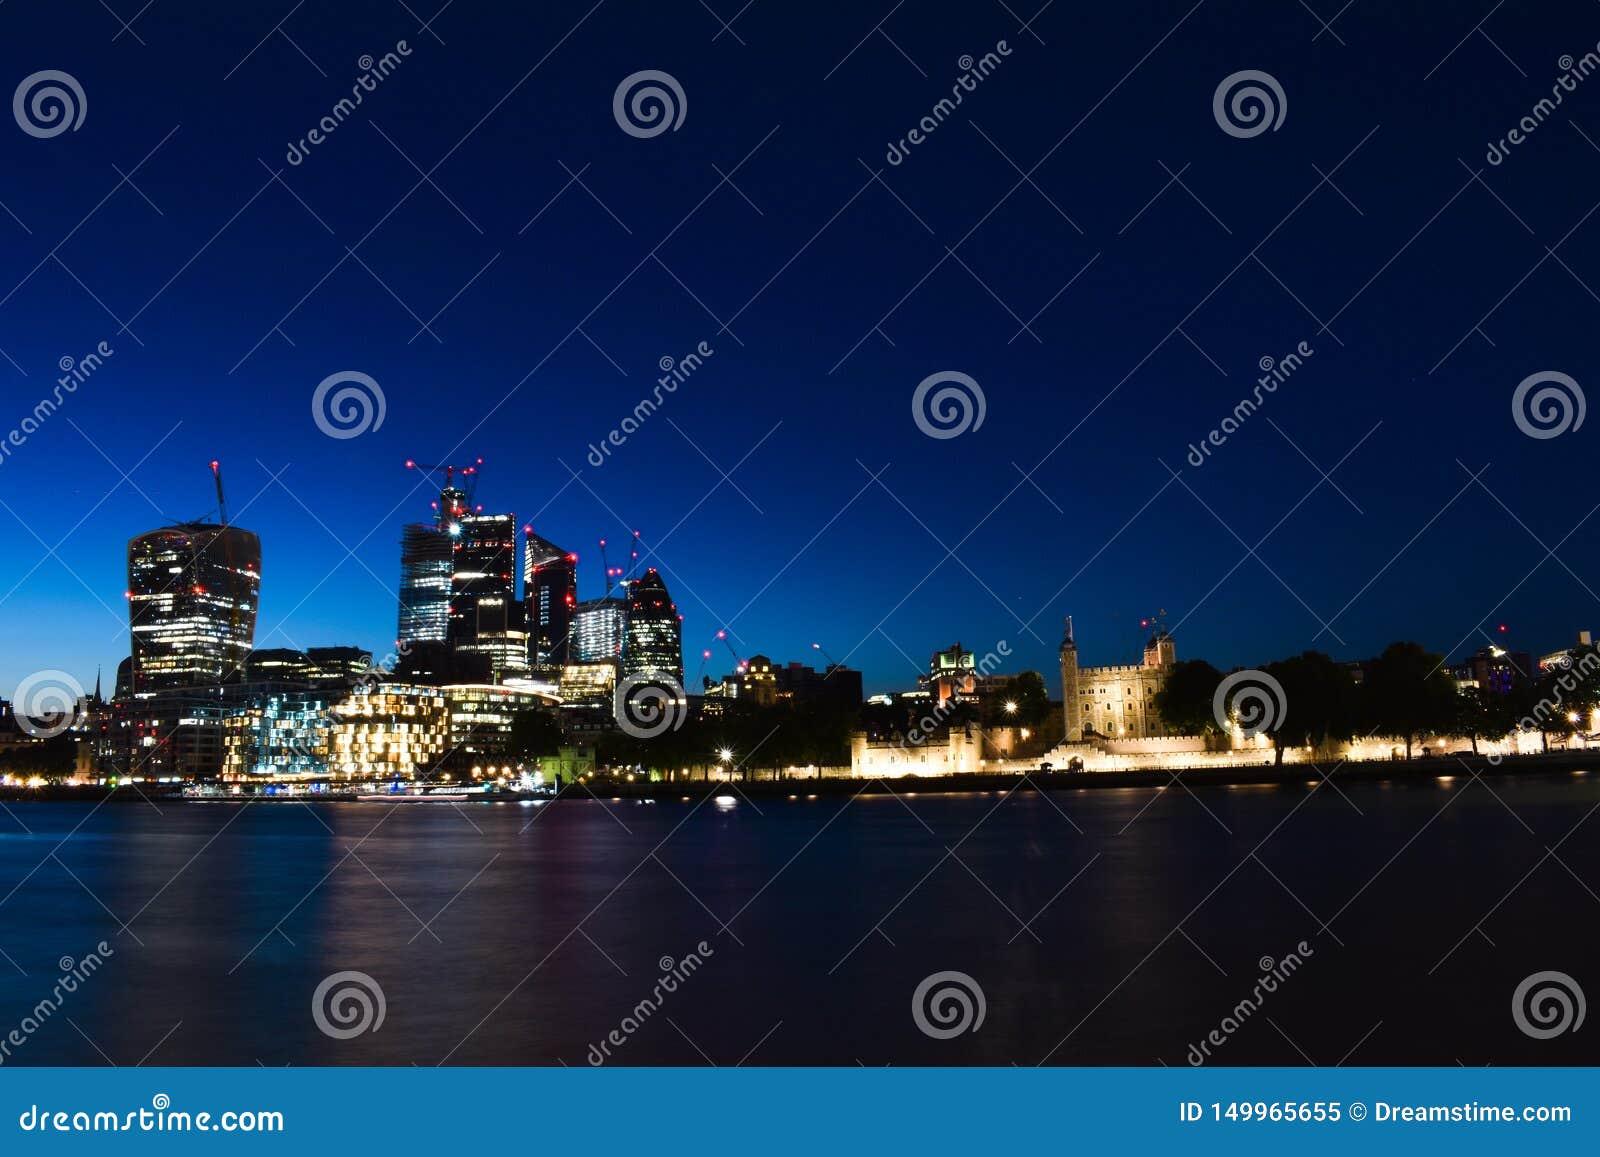 Panoramische Skylineansicht von Bank und von Canary Wharf, zentralen Londons führende Finanzbezirke mit berühmten Wolkenkratzern